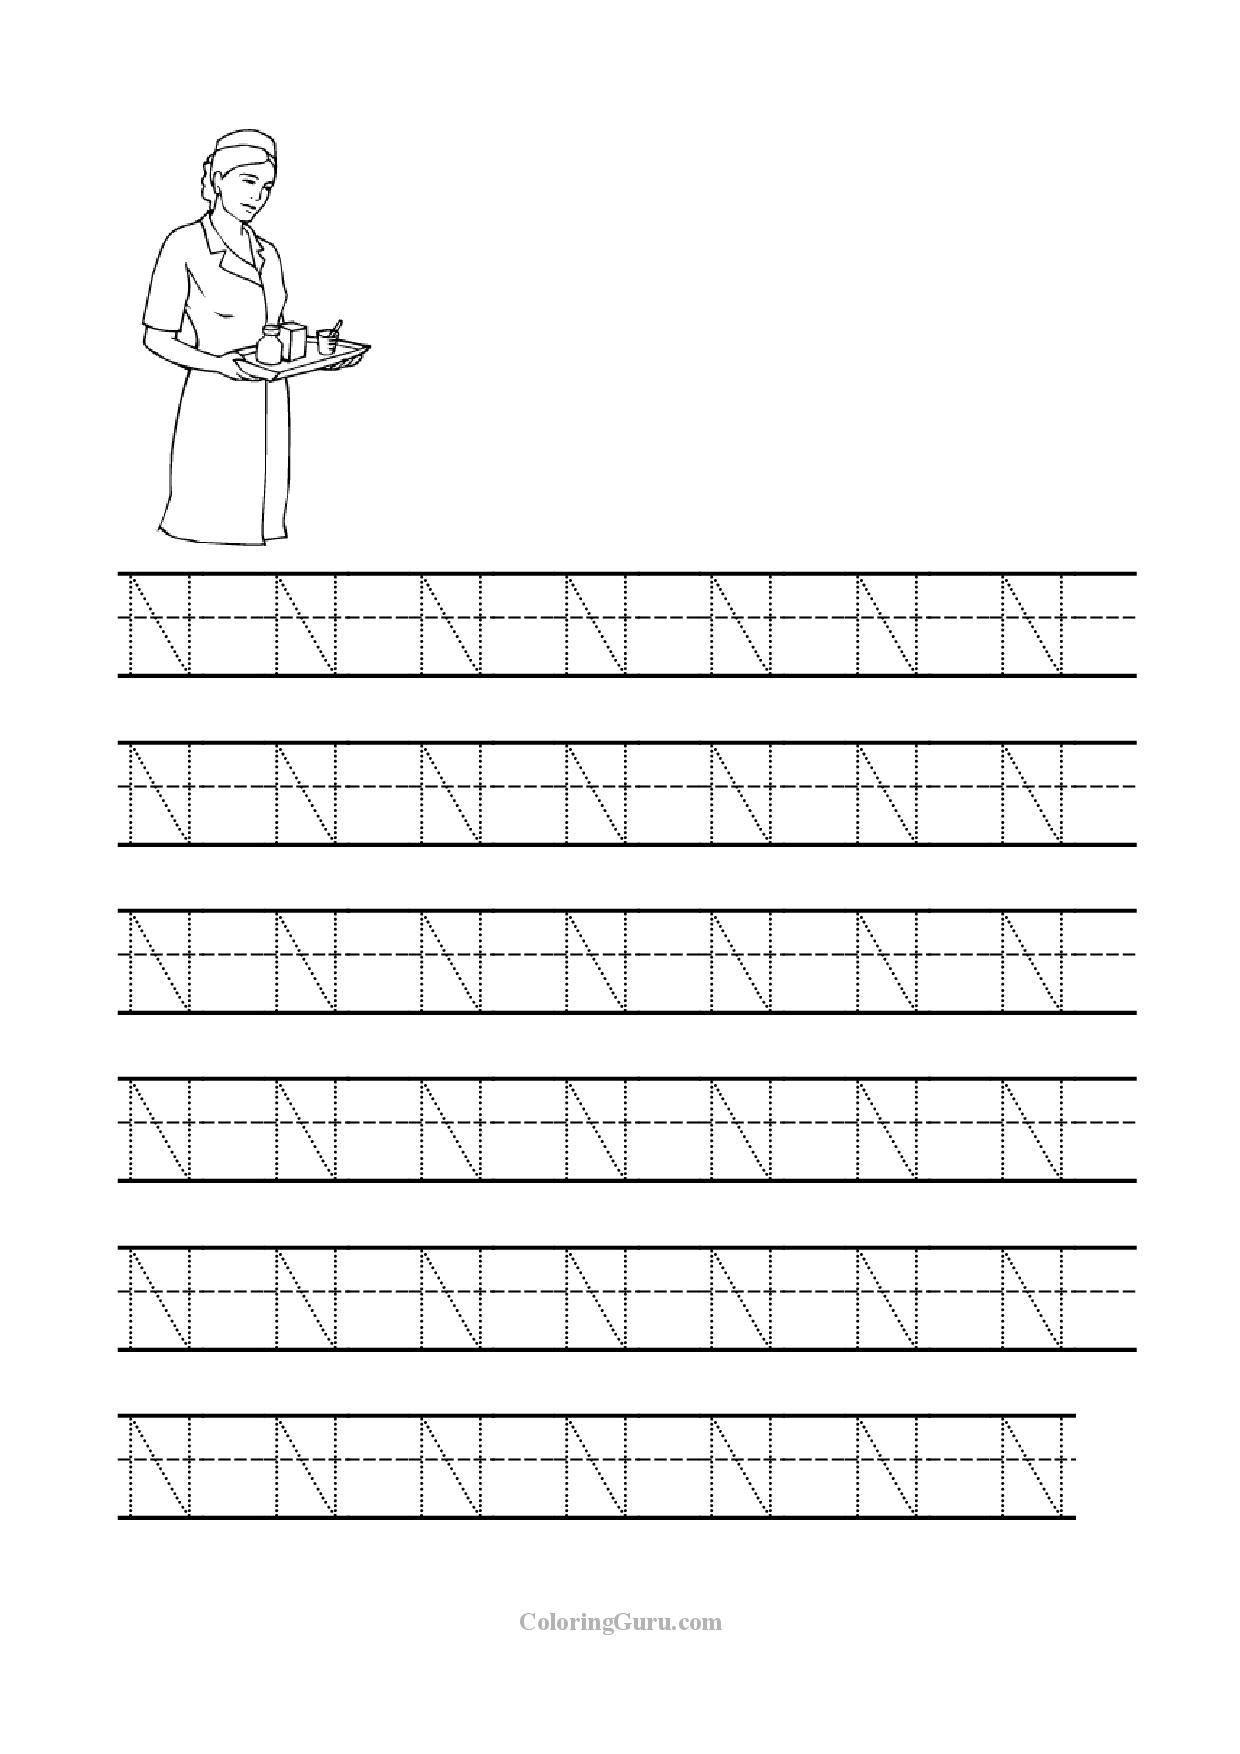 3 Shape Worksheet For Nursery Class 001 In